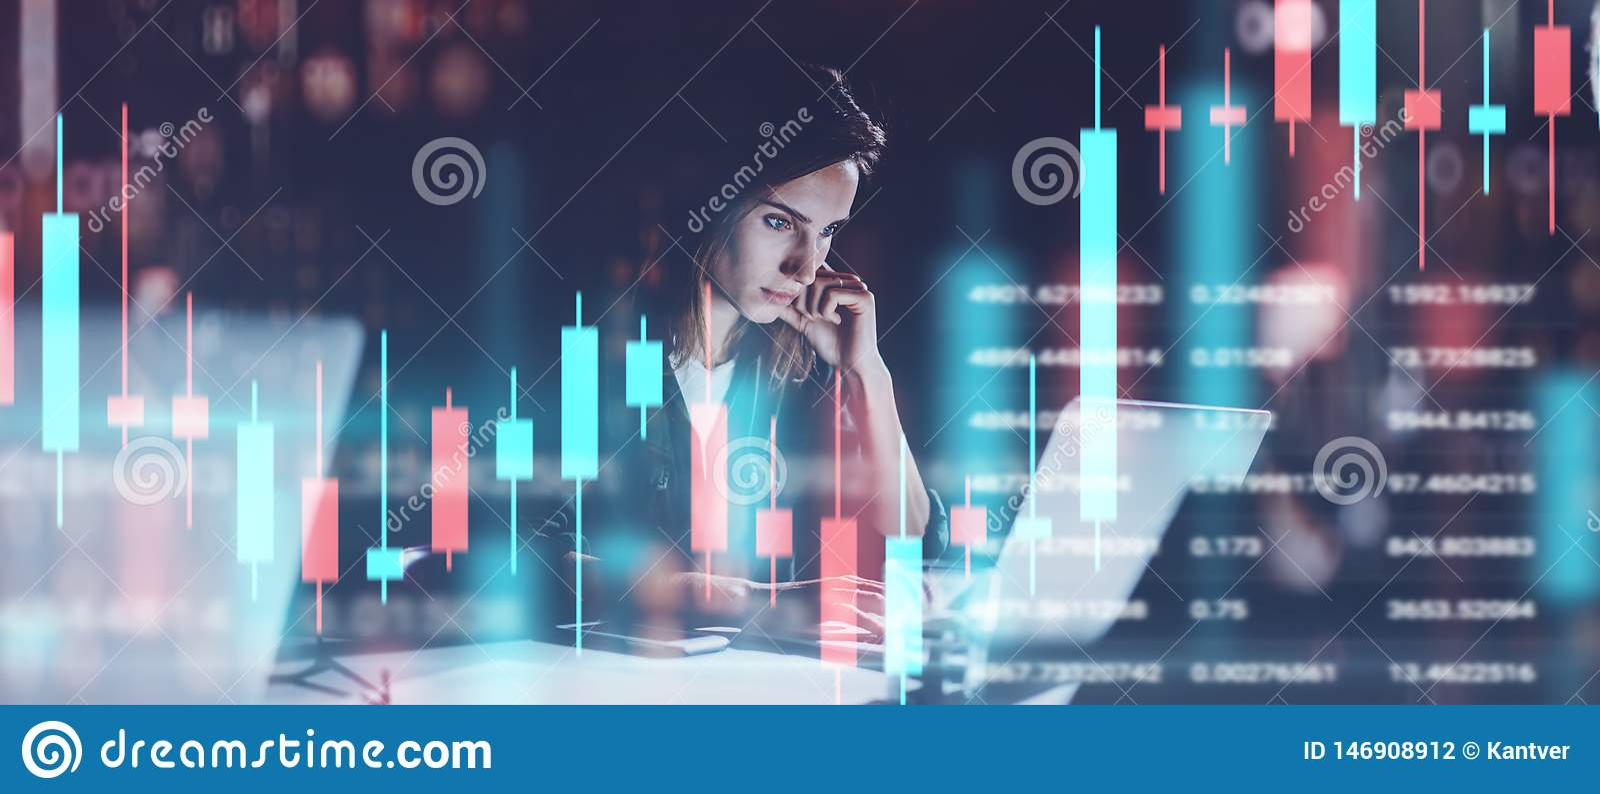 M?oda kobieta pracuje przy nocy nowo?ytnym biurem Techniczny cena wykres i candlestick mapa wska?nika, czerwieni i zieleni, i